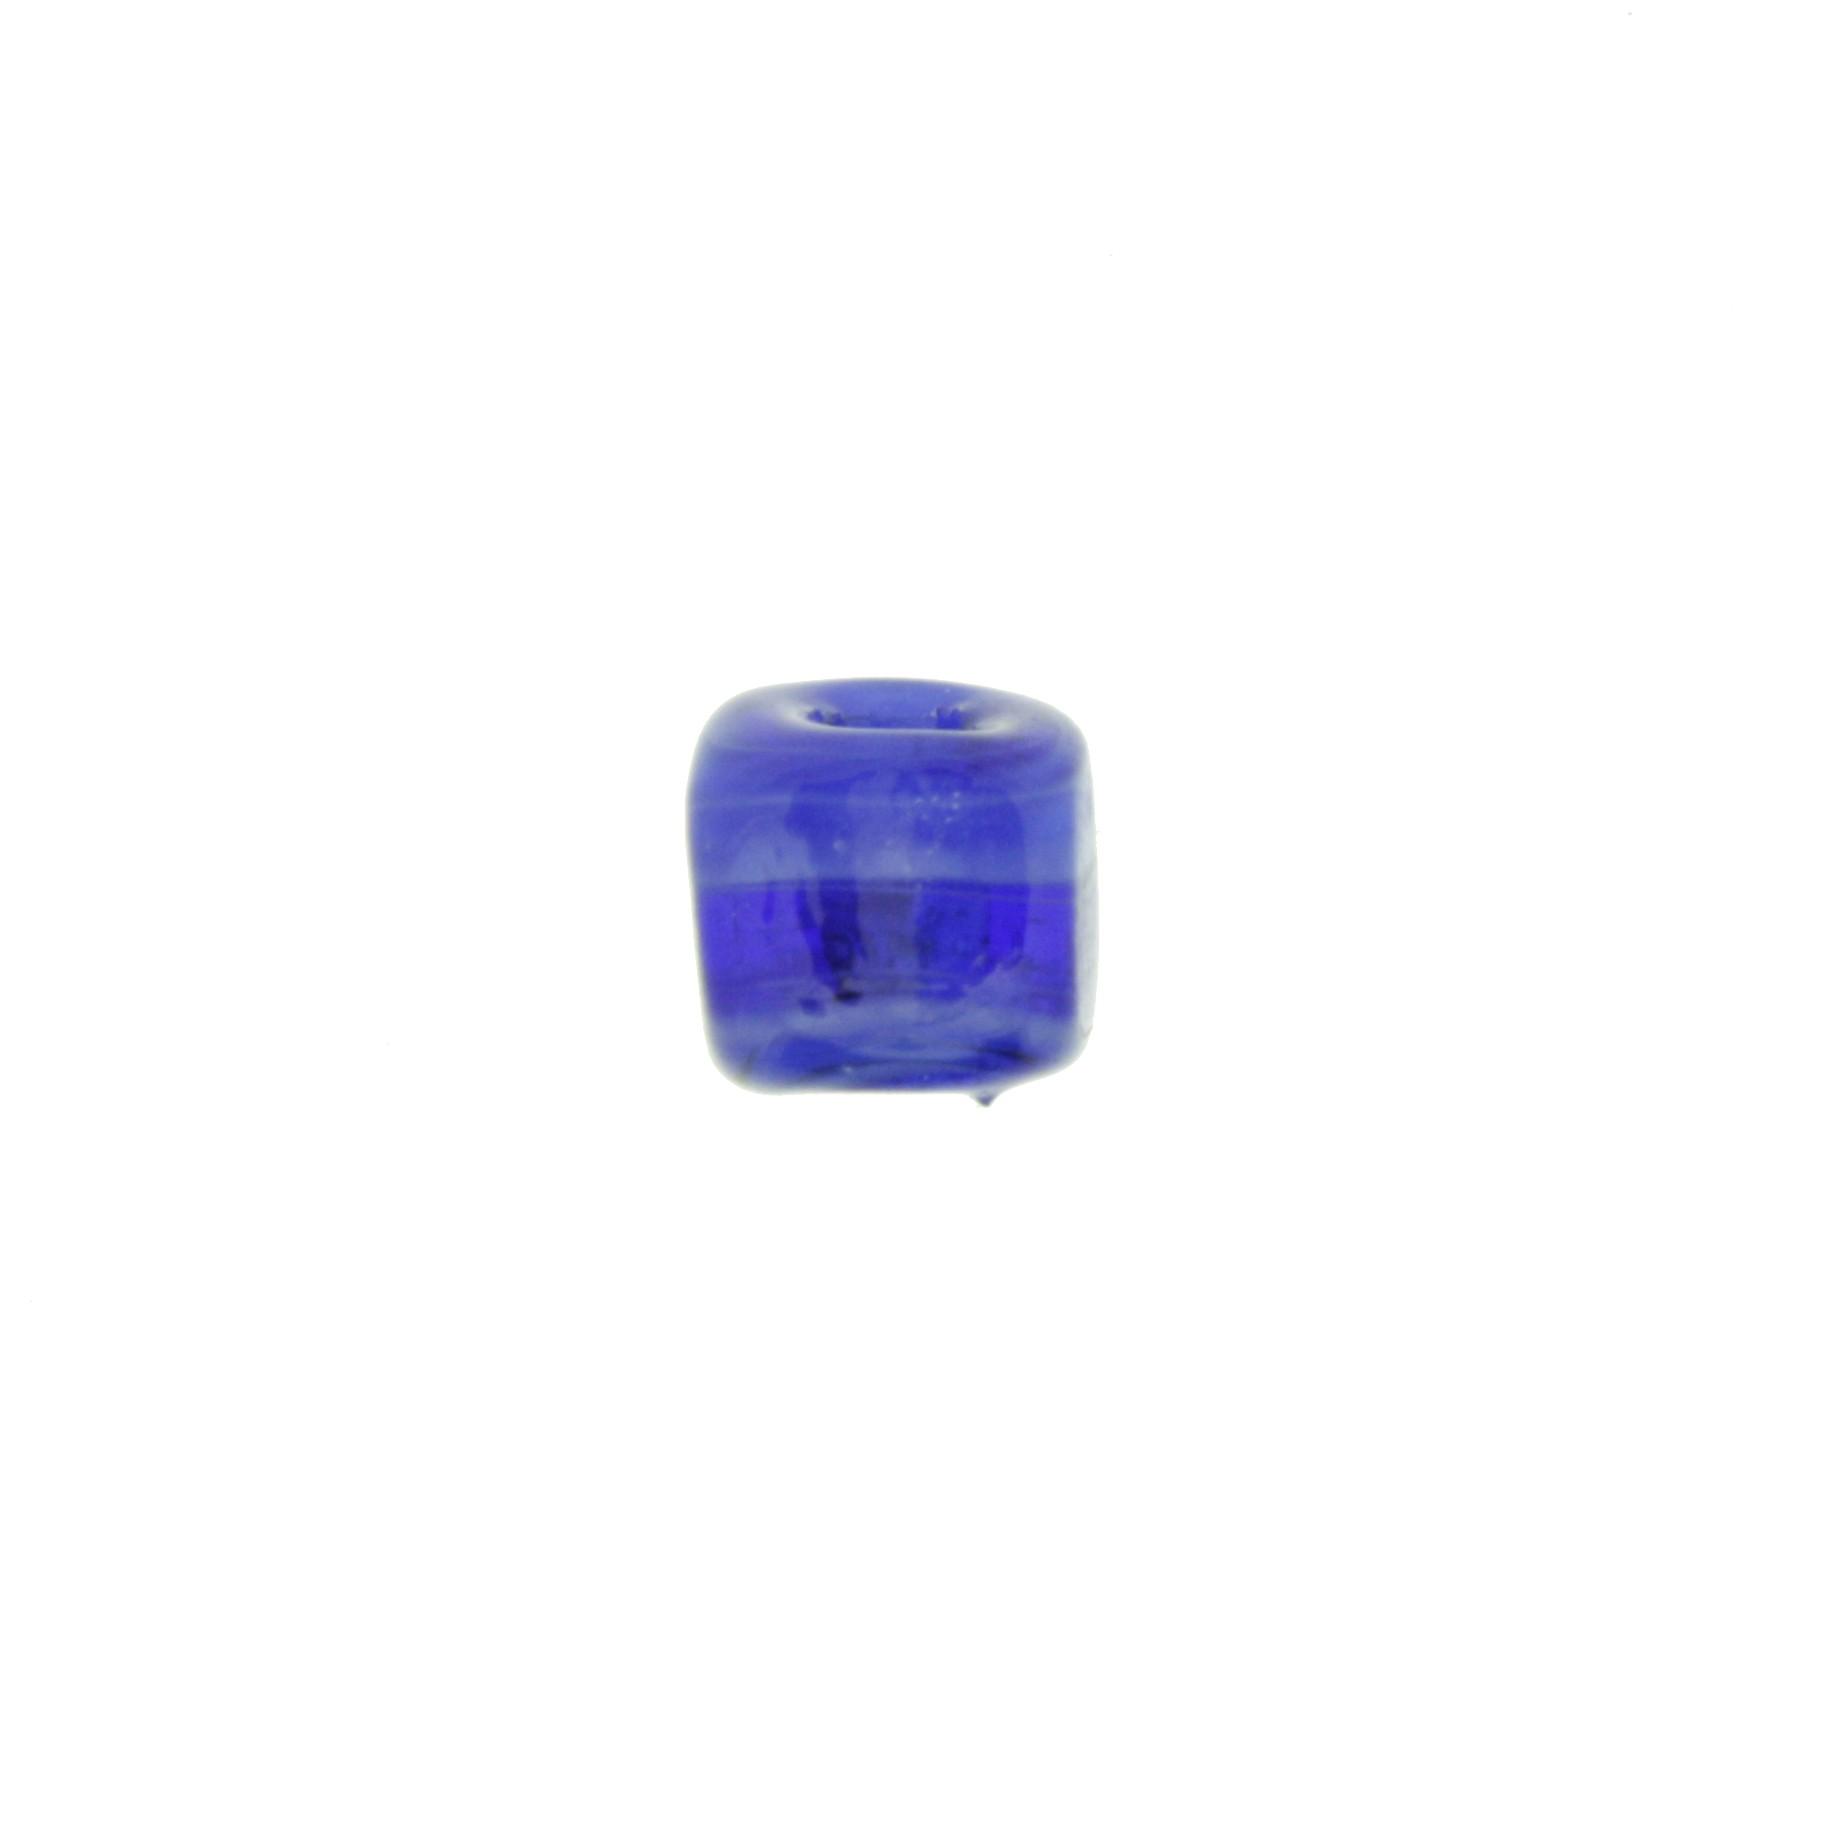 Cubo Vidro - Azul Transparente - Ref.: MC410  - Stéphanie Bijoux® - Peças para Bijuterias e Artesanato